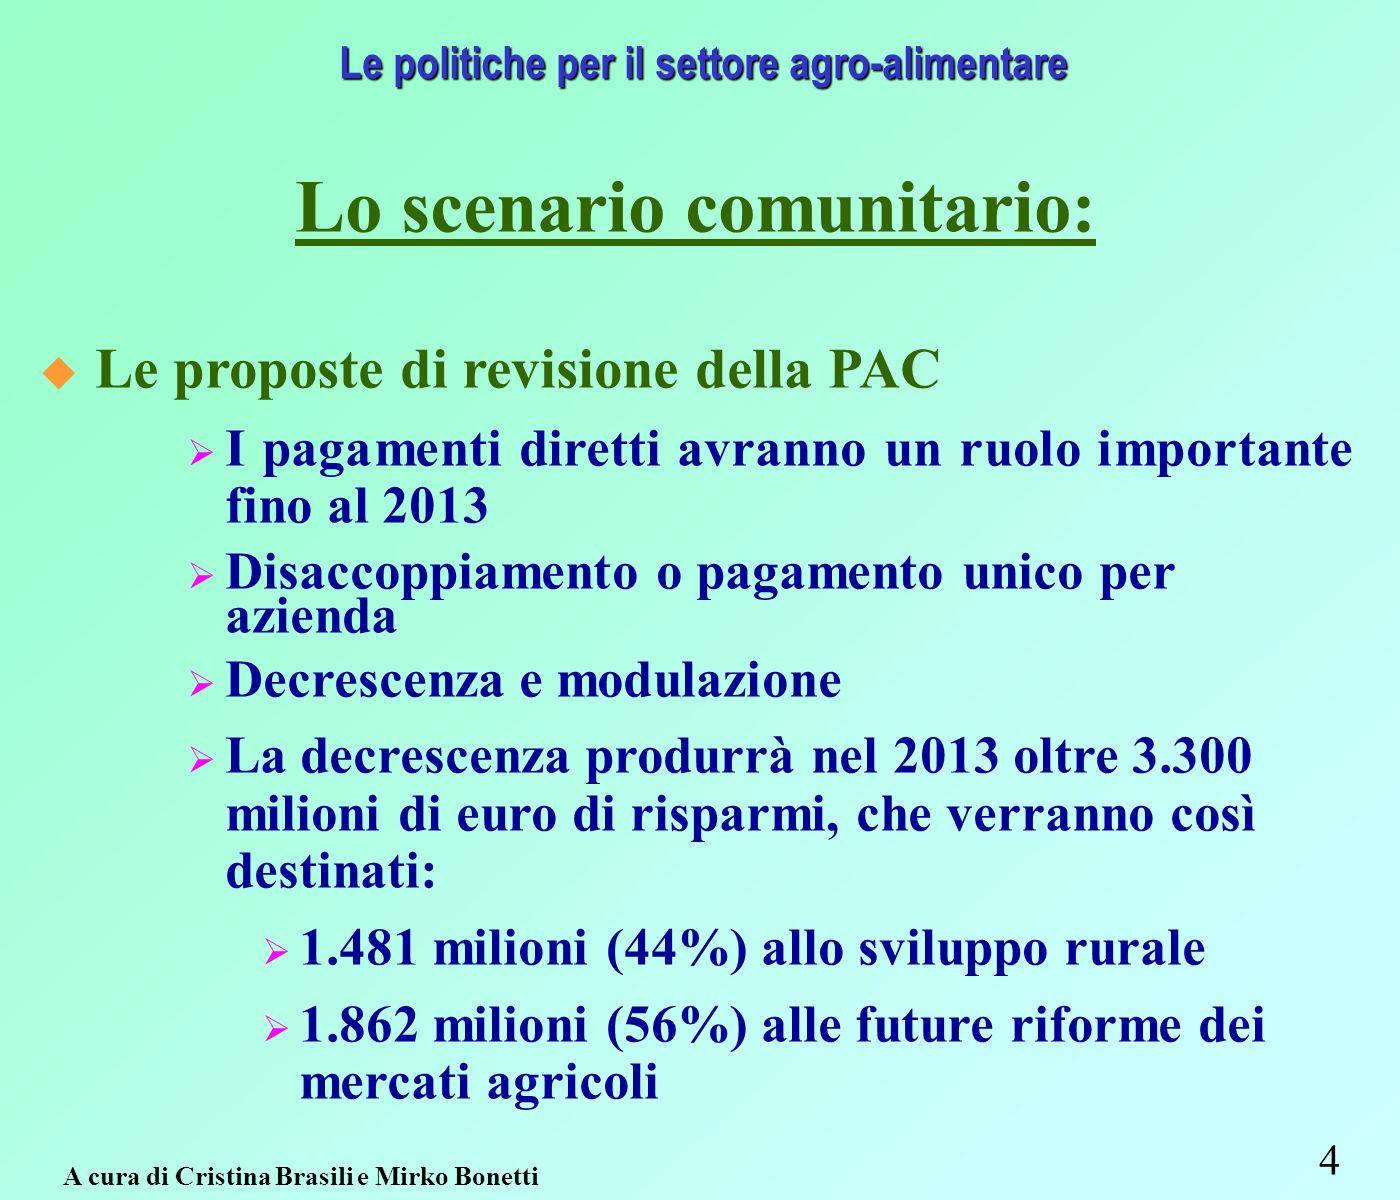 4 Le politiche per il settore agro-alimentare Lo scenario comunitario: Le proposte di revisione della PAC I pagamenti diretti avranno un ruolo importante fino al 2013 Disaccoppiamento o pagamento unico per azienda Decrescenza e modulazione La decrescenza produrrà nel 2013 oltre 3.300 milioni di euro di risparmi, che verranno così destinati: 1.481 milioni (44%) allo sviluppo rurale 1.862 milioni (56%) alle future riforme dei mercati agricoli A cura di Cristina Brasili e Mirko Bonetti